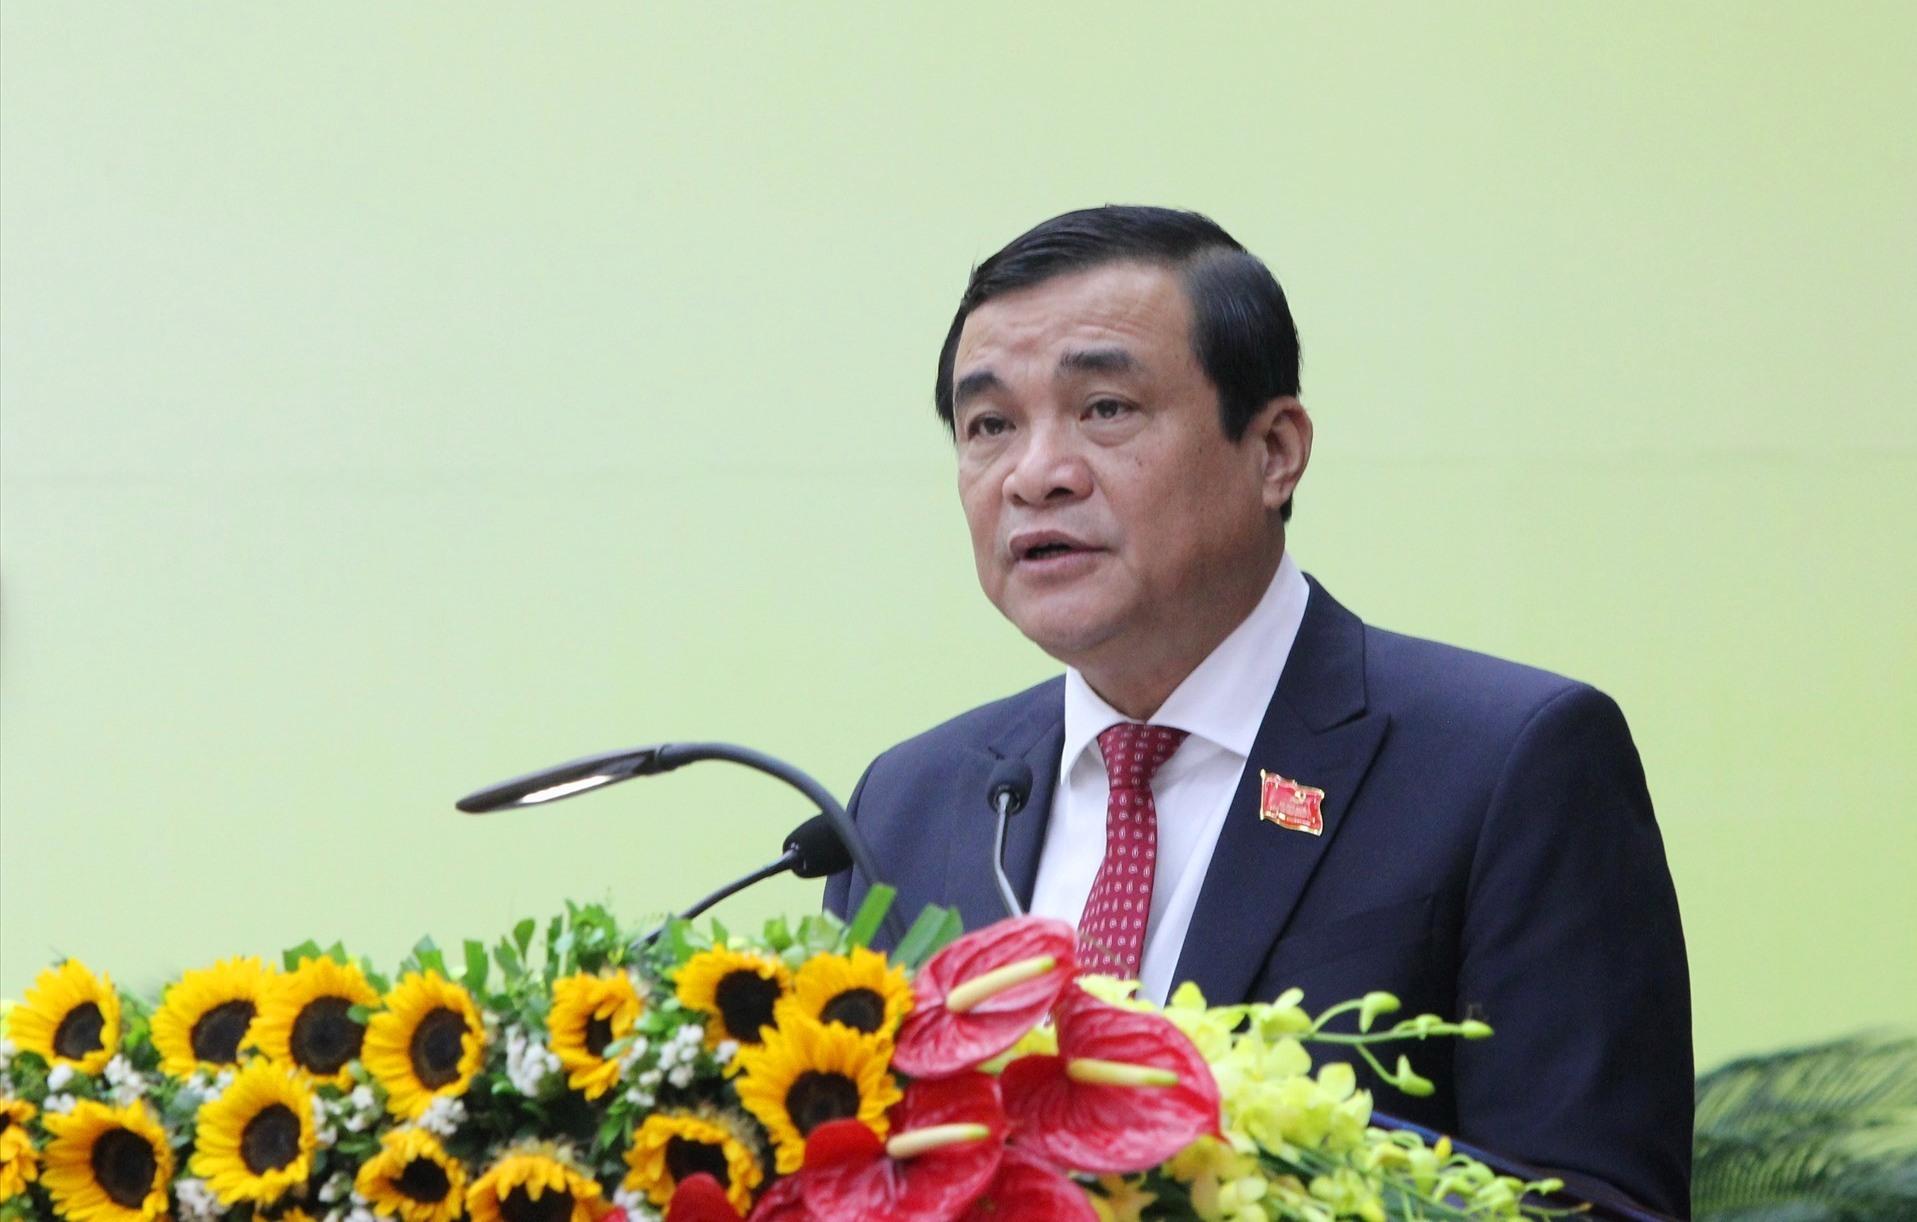 Toàn văn phát biểu bế mạc Đại hội đại biểu Đảng bộ tỉnh Quảng Nam lần thứ XXII của đồng chí Phan Việt Cường